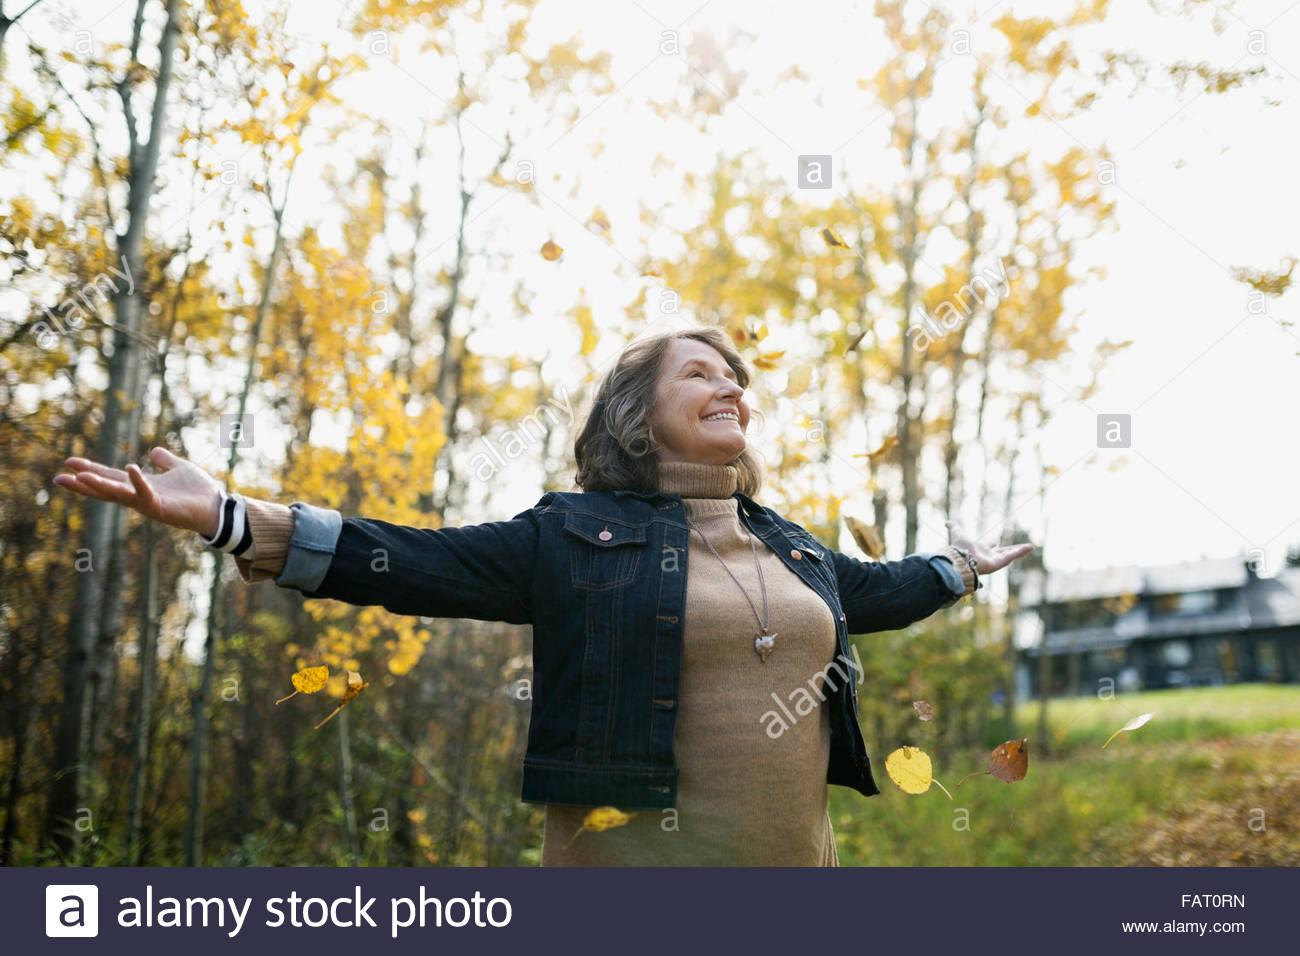 Herbstblätter fallen um Frau mit ausgestreckten Armen Stockbild